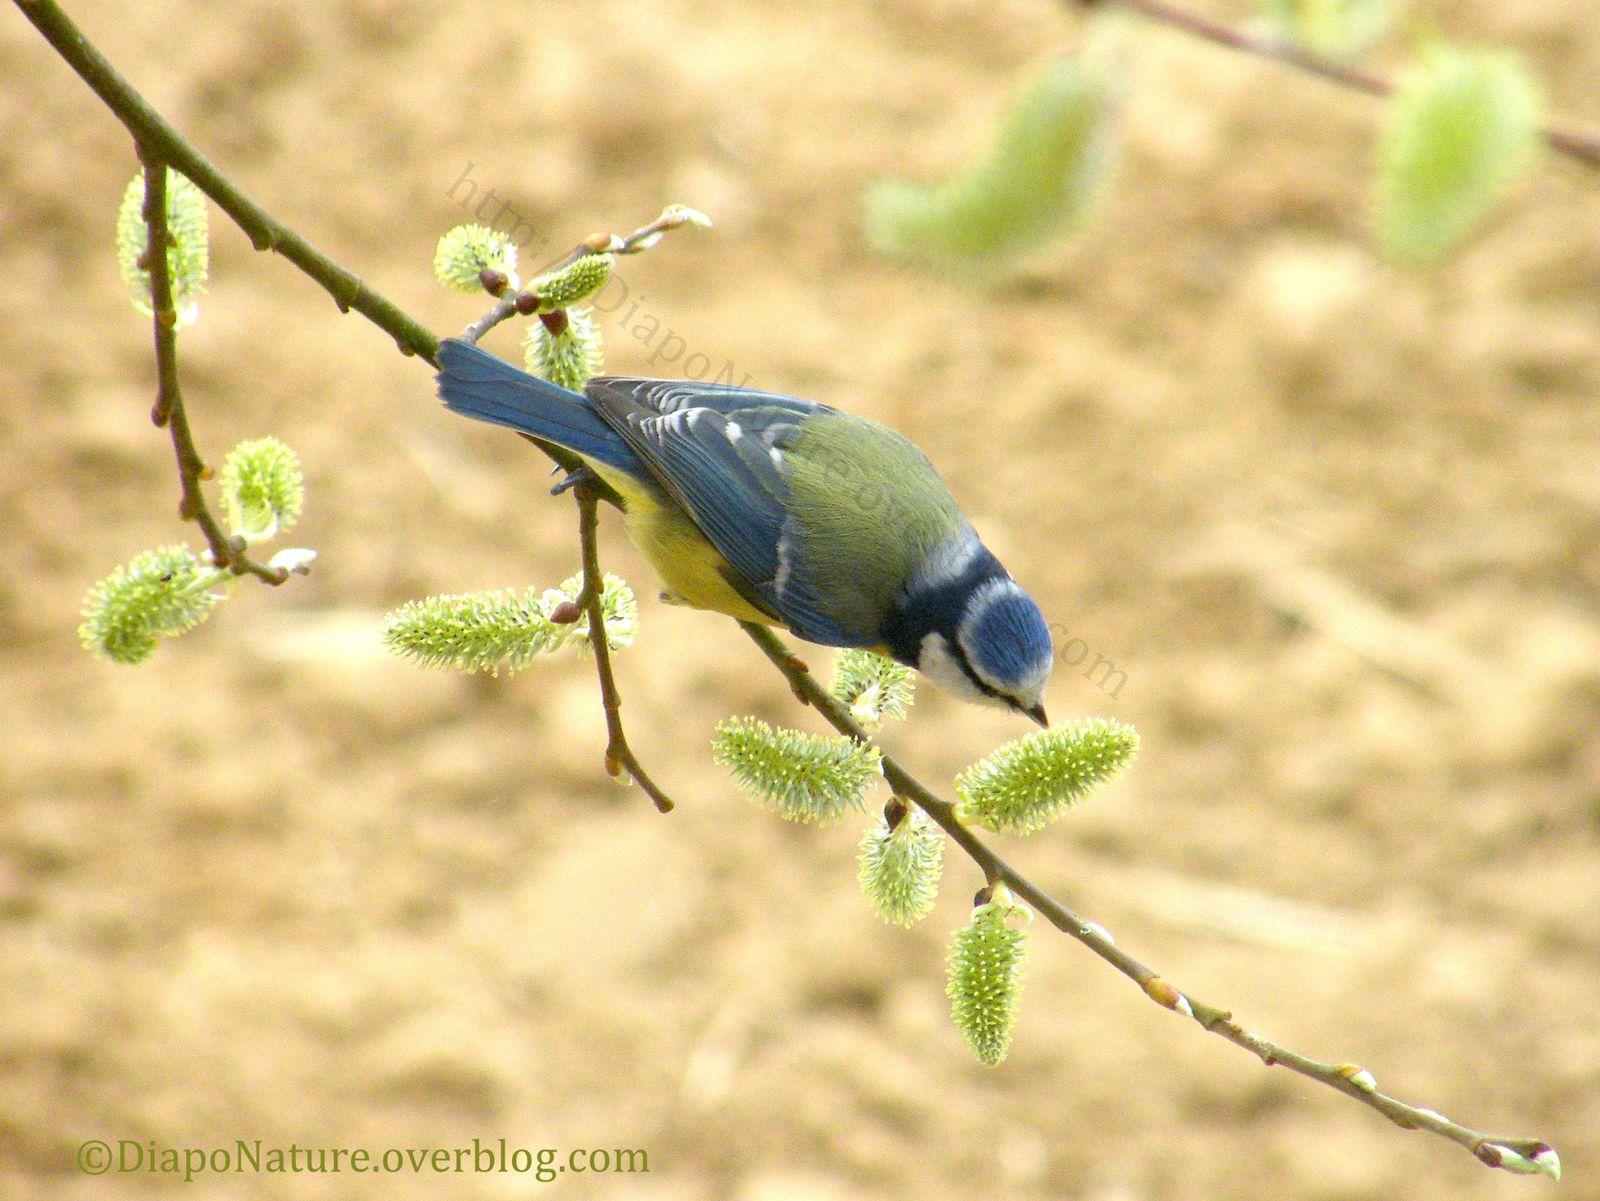 Mésange bleue (Cyanistes caeruleus) sur une branche de saule marsault mâle